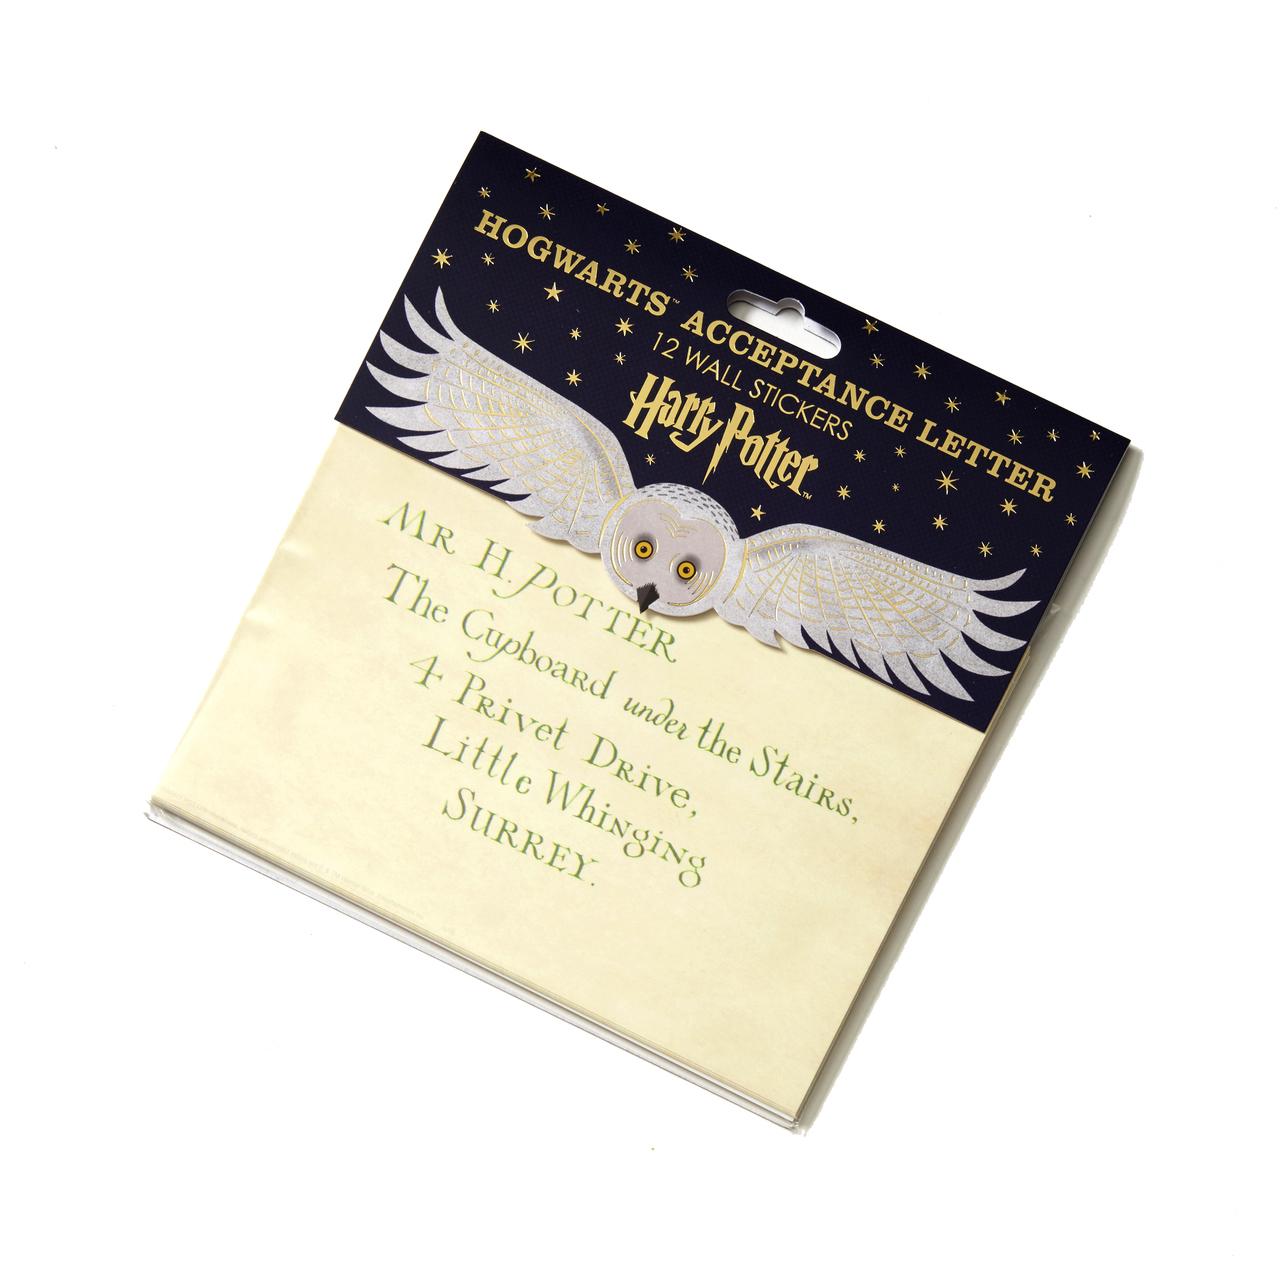 hogwarts_letd6b5.jpg